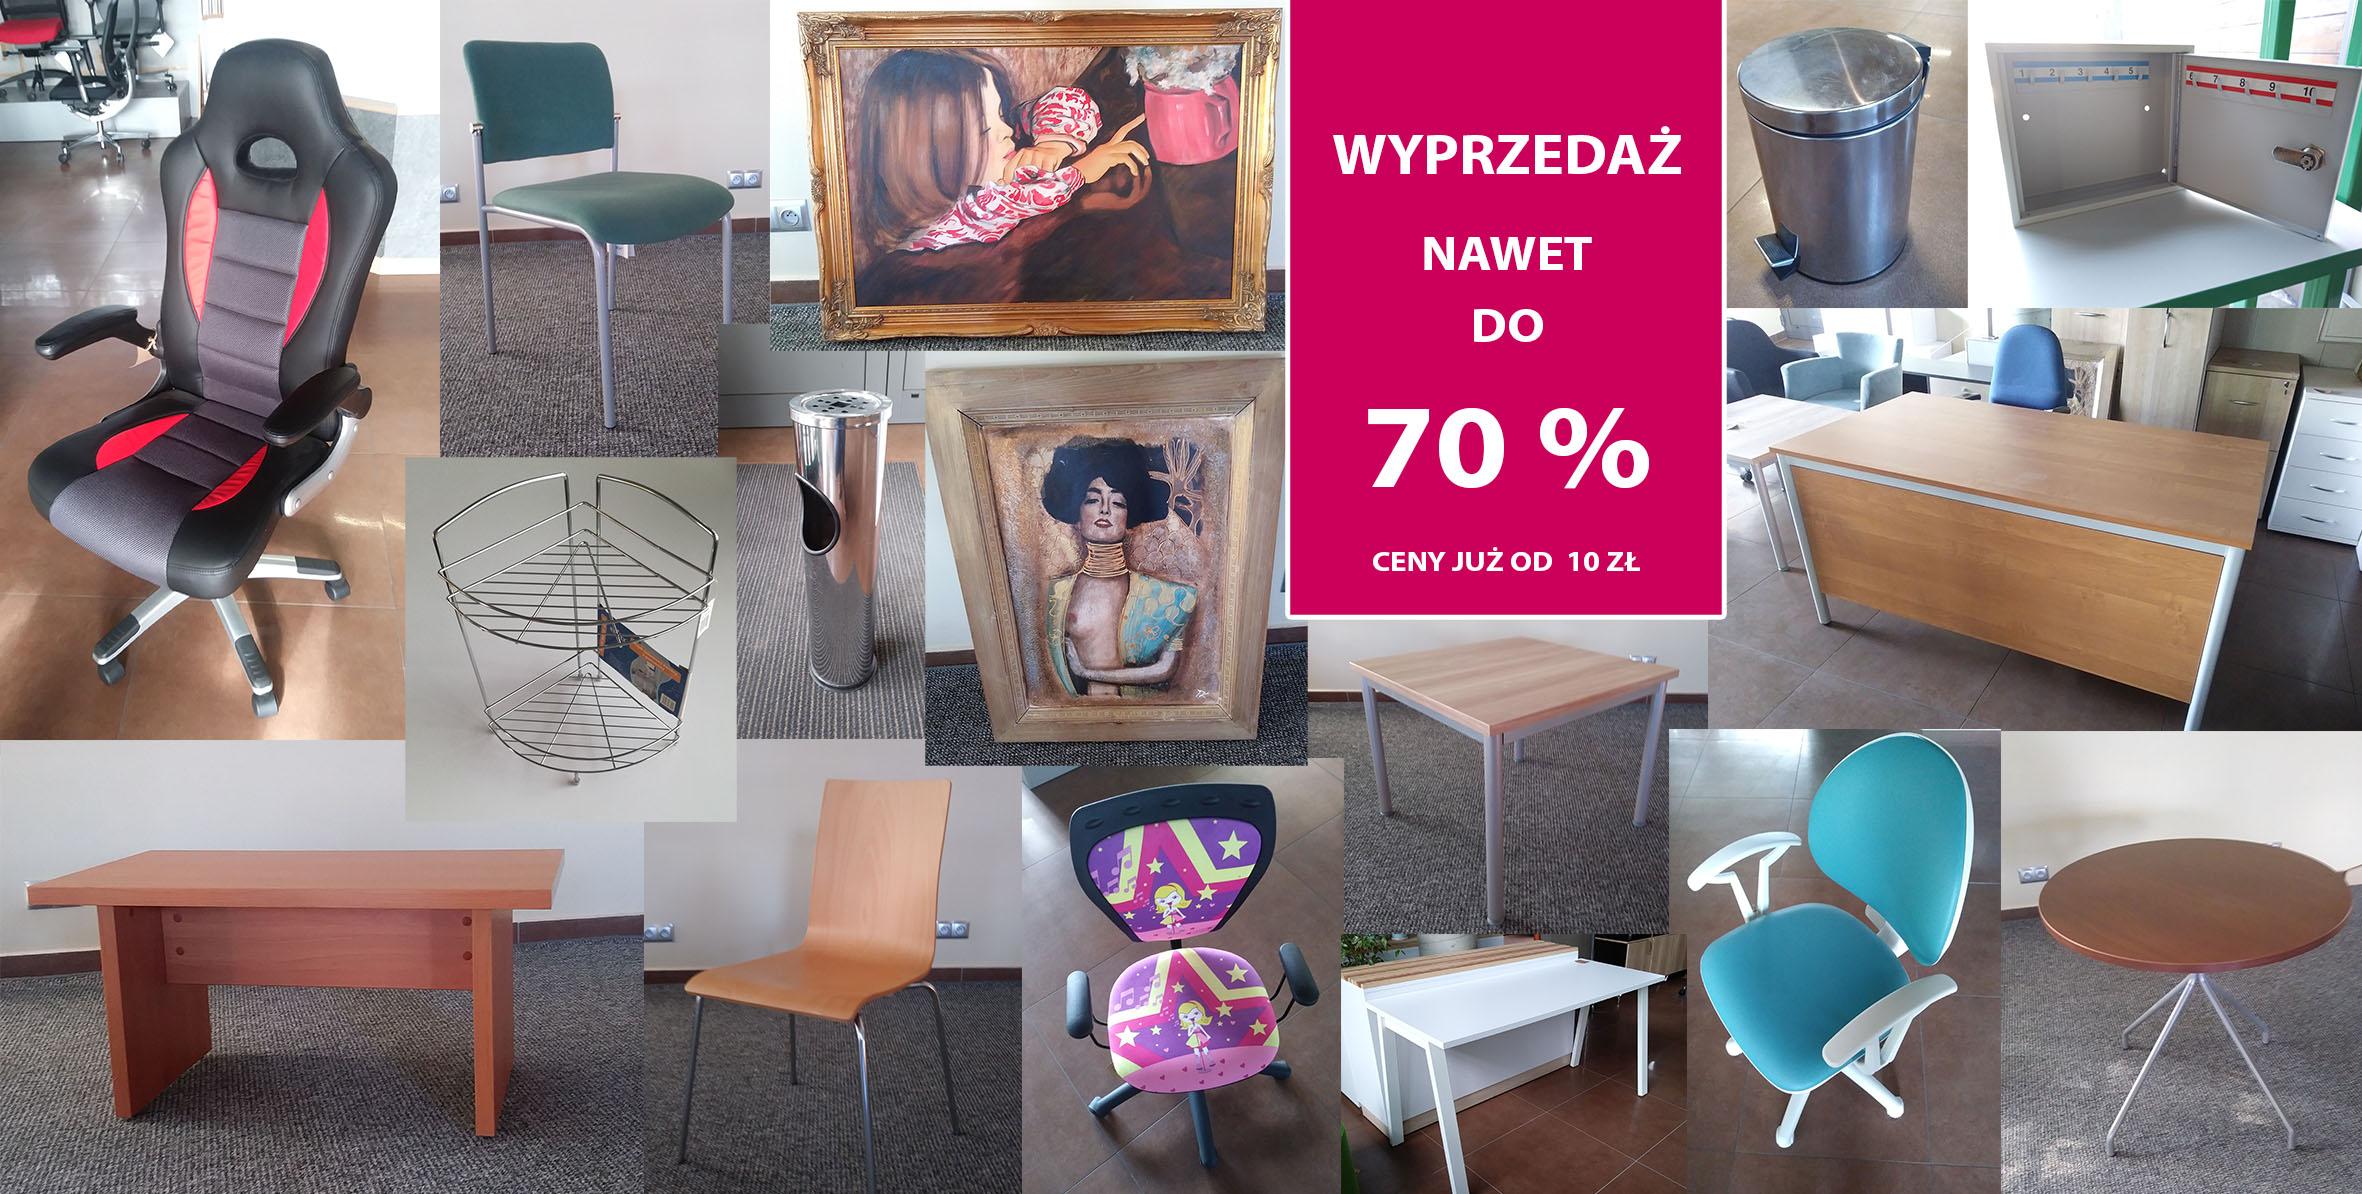 Tobo_wyprzedaz_meble_promocje_biurka_stoliki_krzesla_fotele.jpg